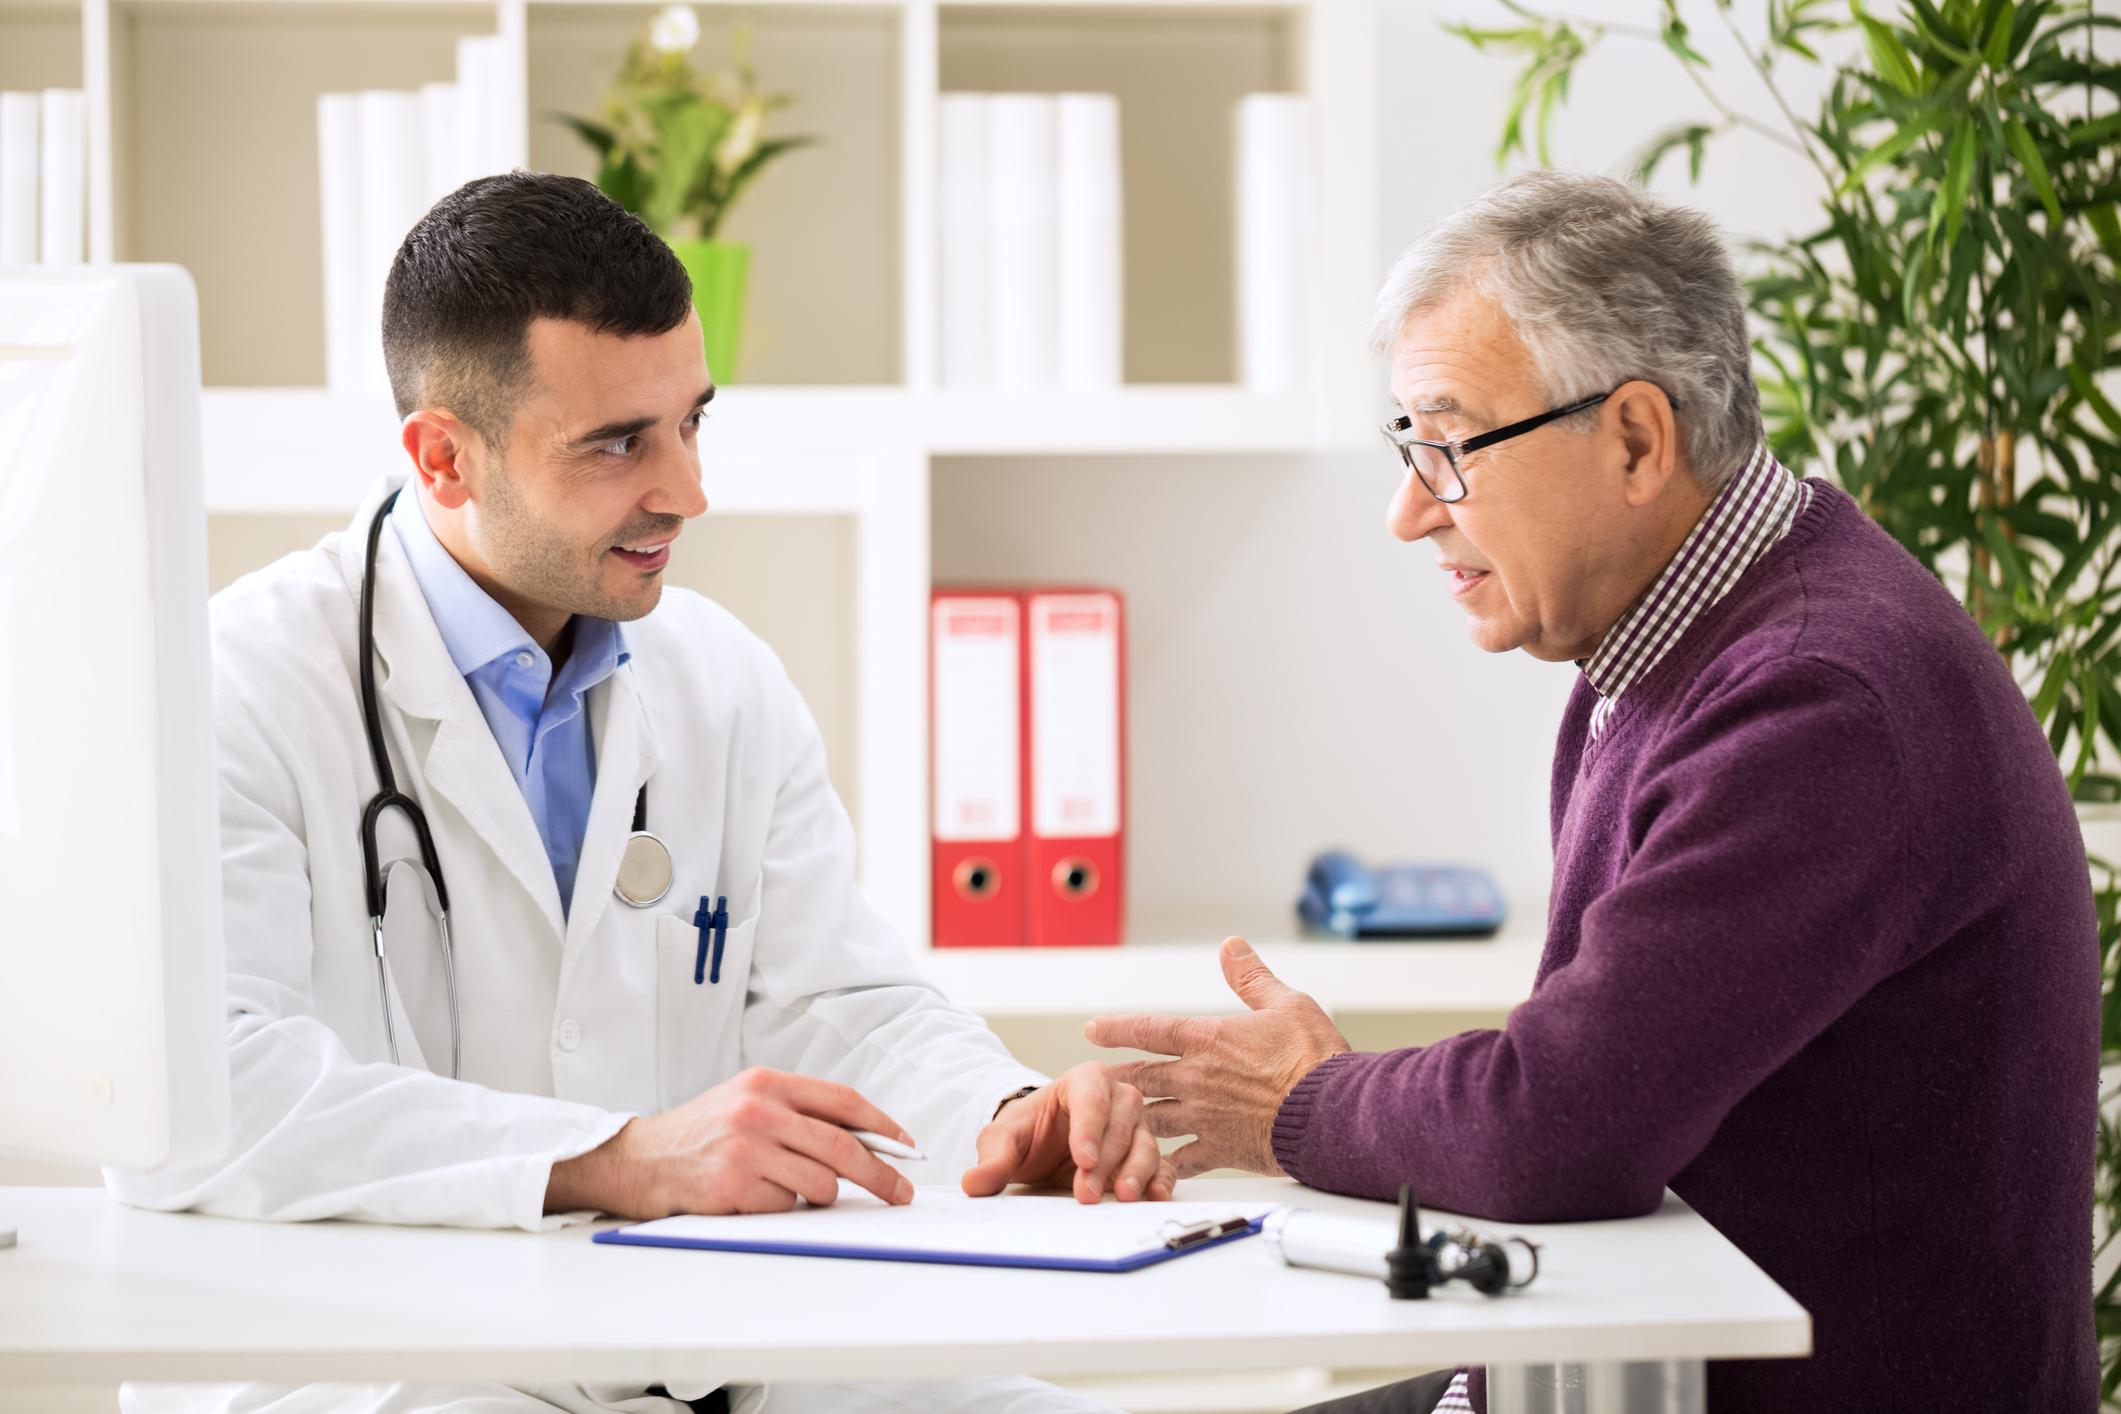 Брахитерапия рака предстательной железы: что это, виды, как проводится